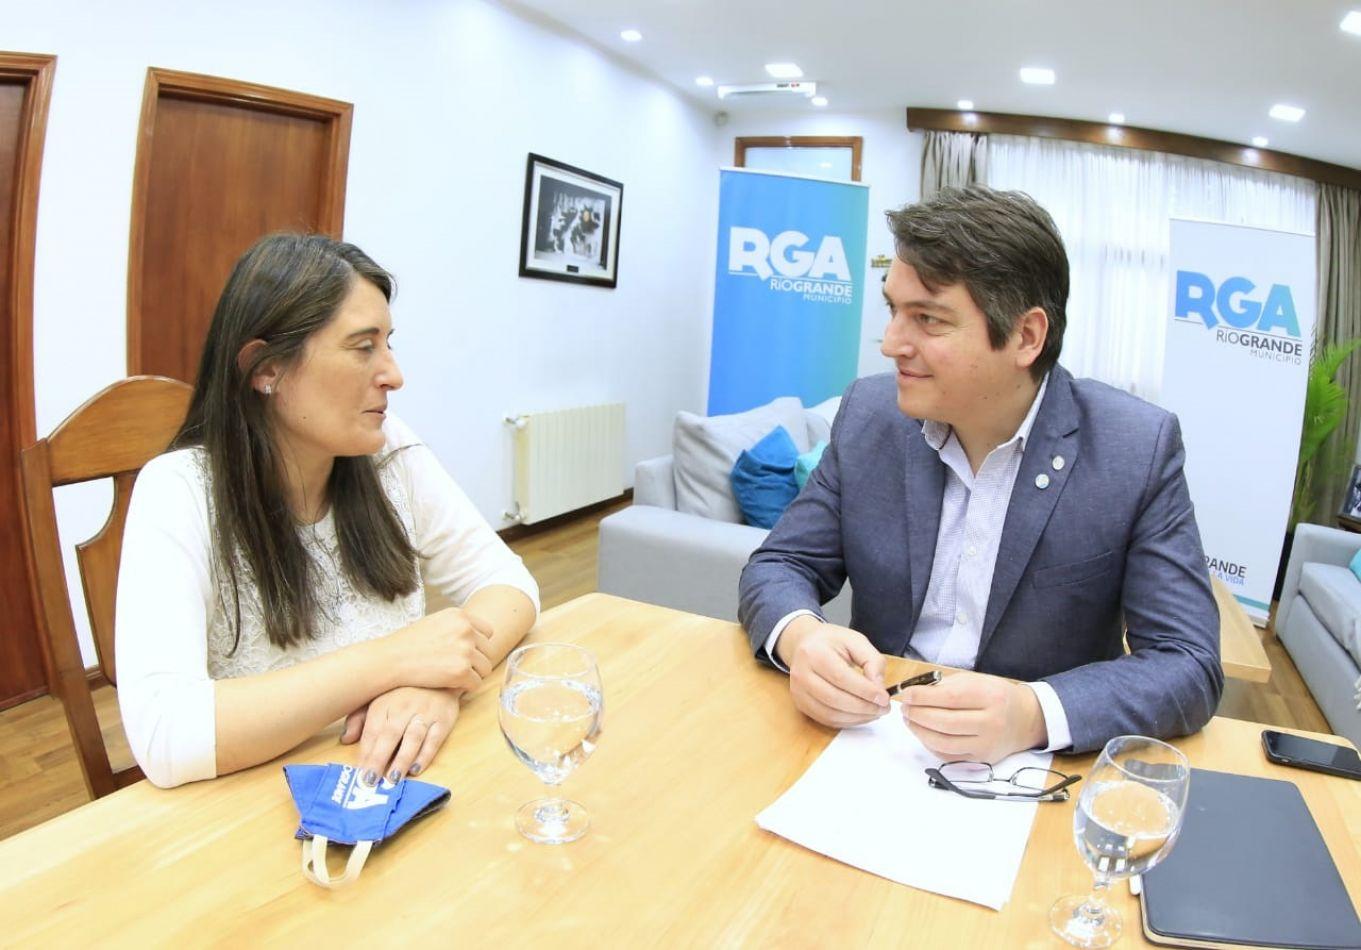 El Intendente tomó la decisión de designar a cargo de la Secretaría a la Dra. María Eugenia Cóccaro